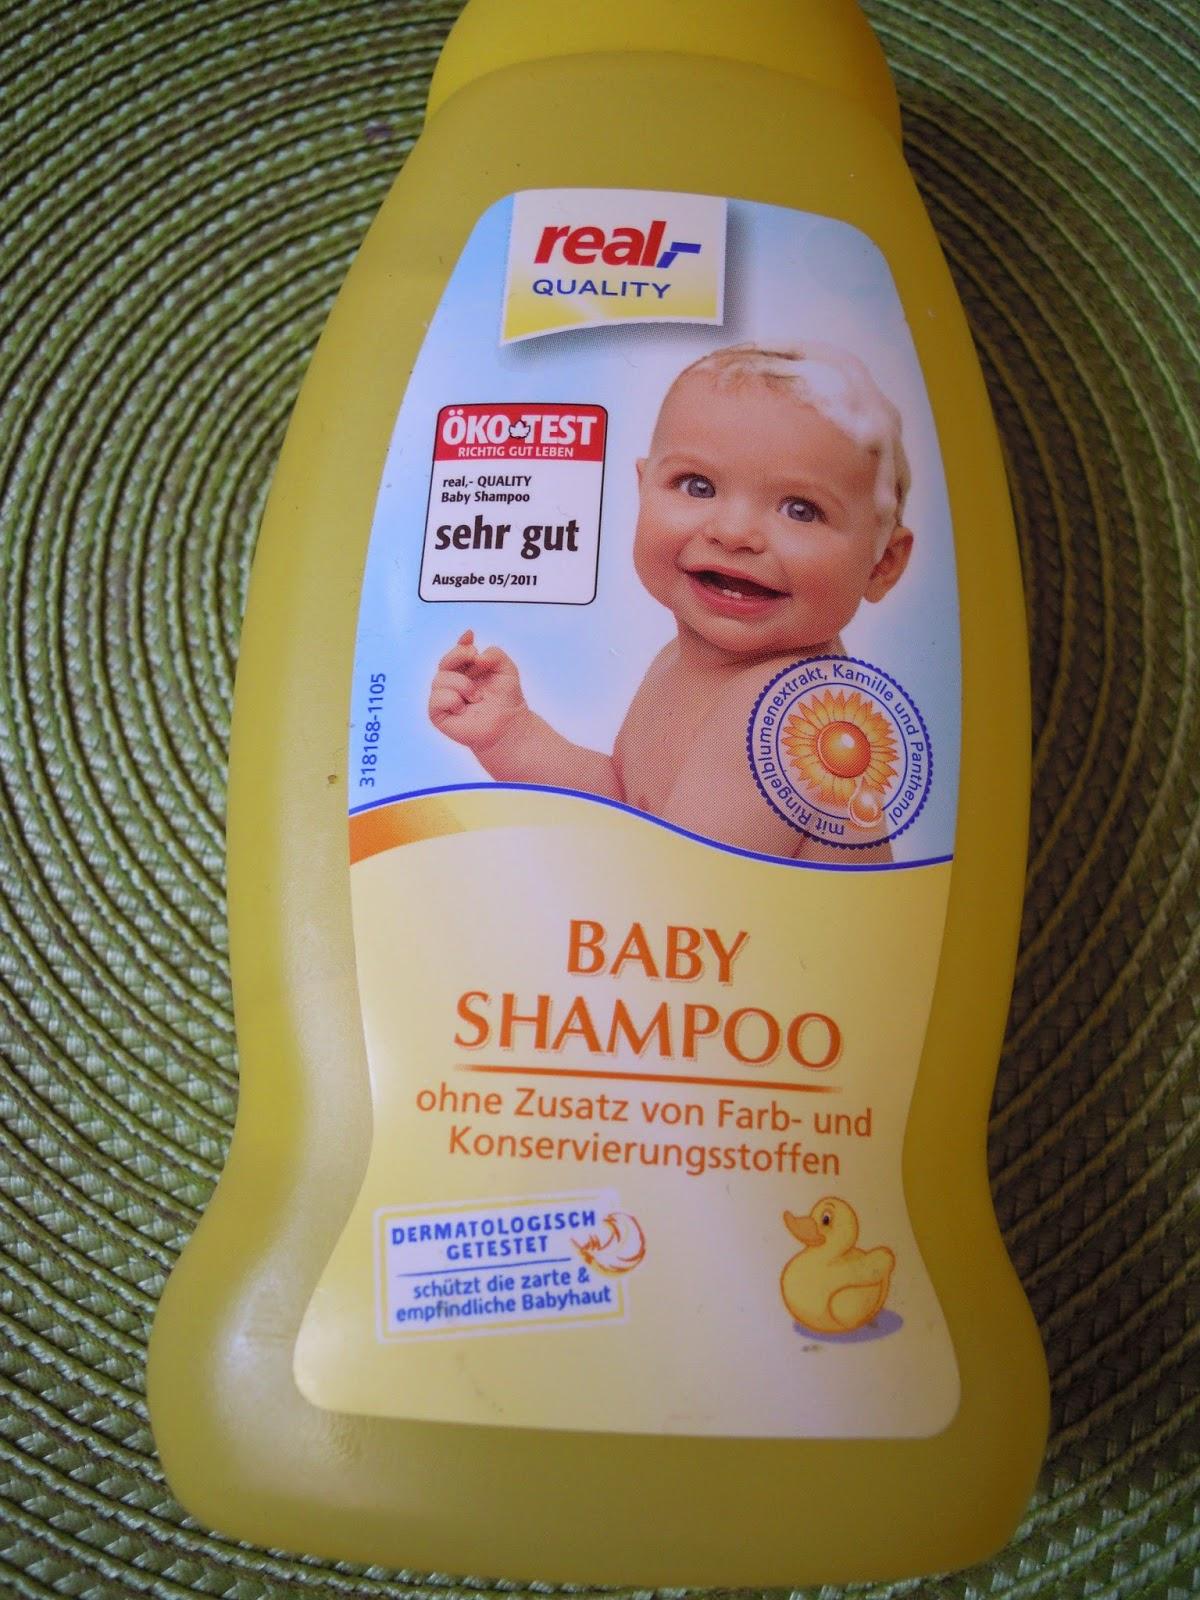 Bardzo delikatny szampon dla dzieci z Reala a Babydream - recenzja